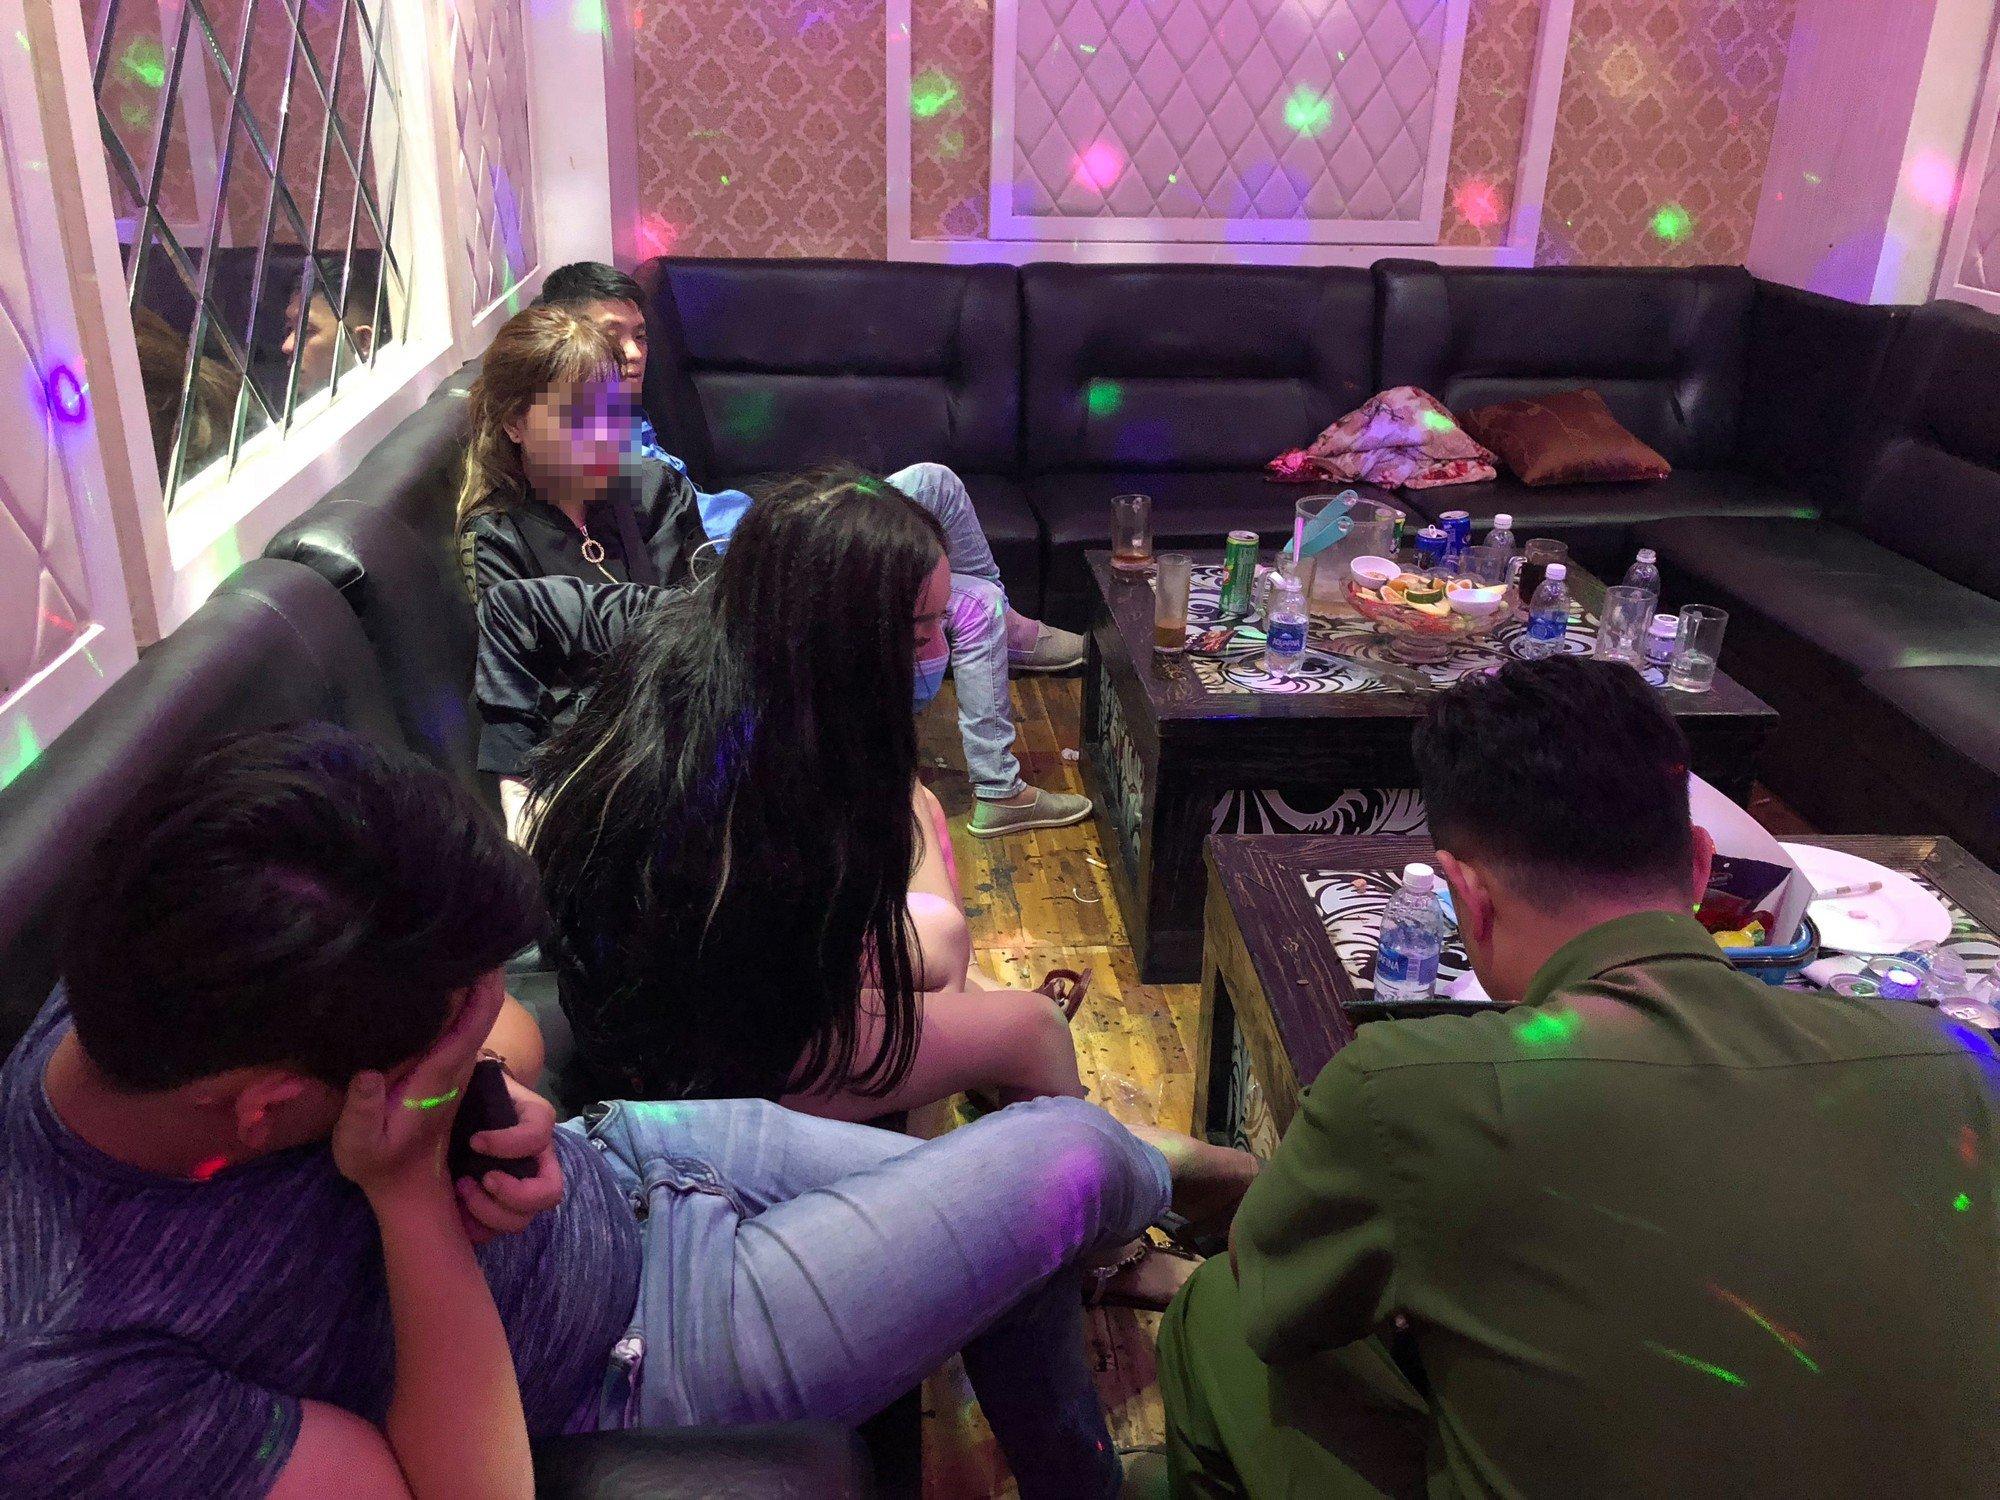 Đột kích quán karaoke ở Sài Gòn, gần 20 nam nữ quay cuồng thác loạn 8